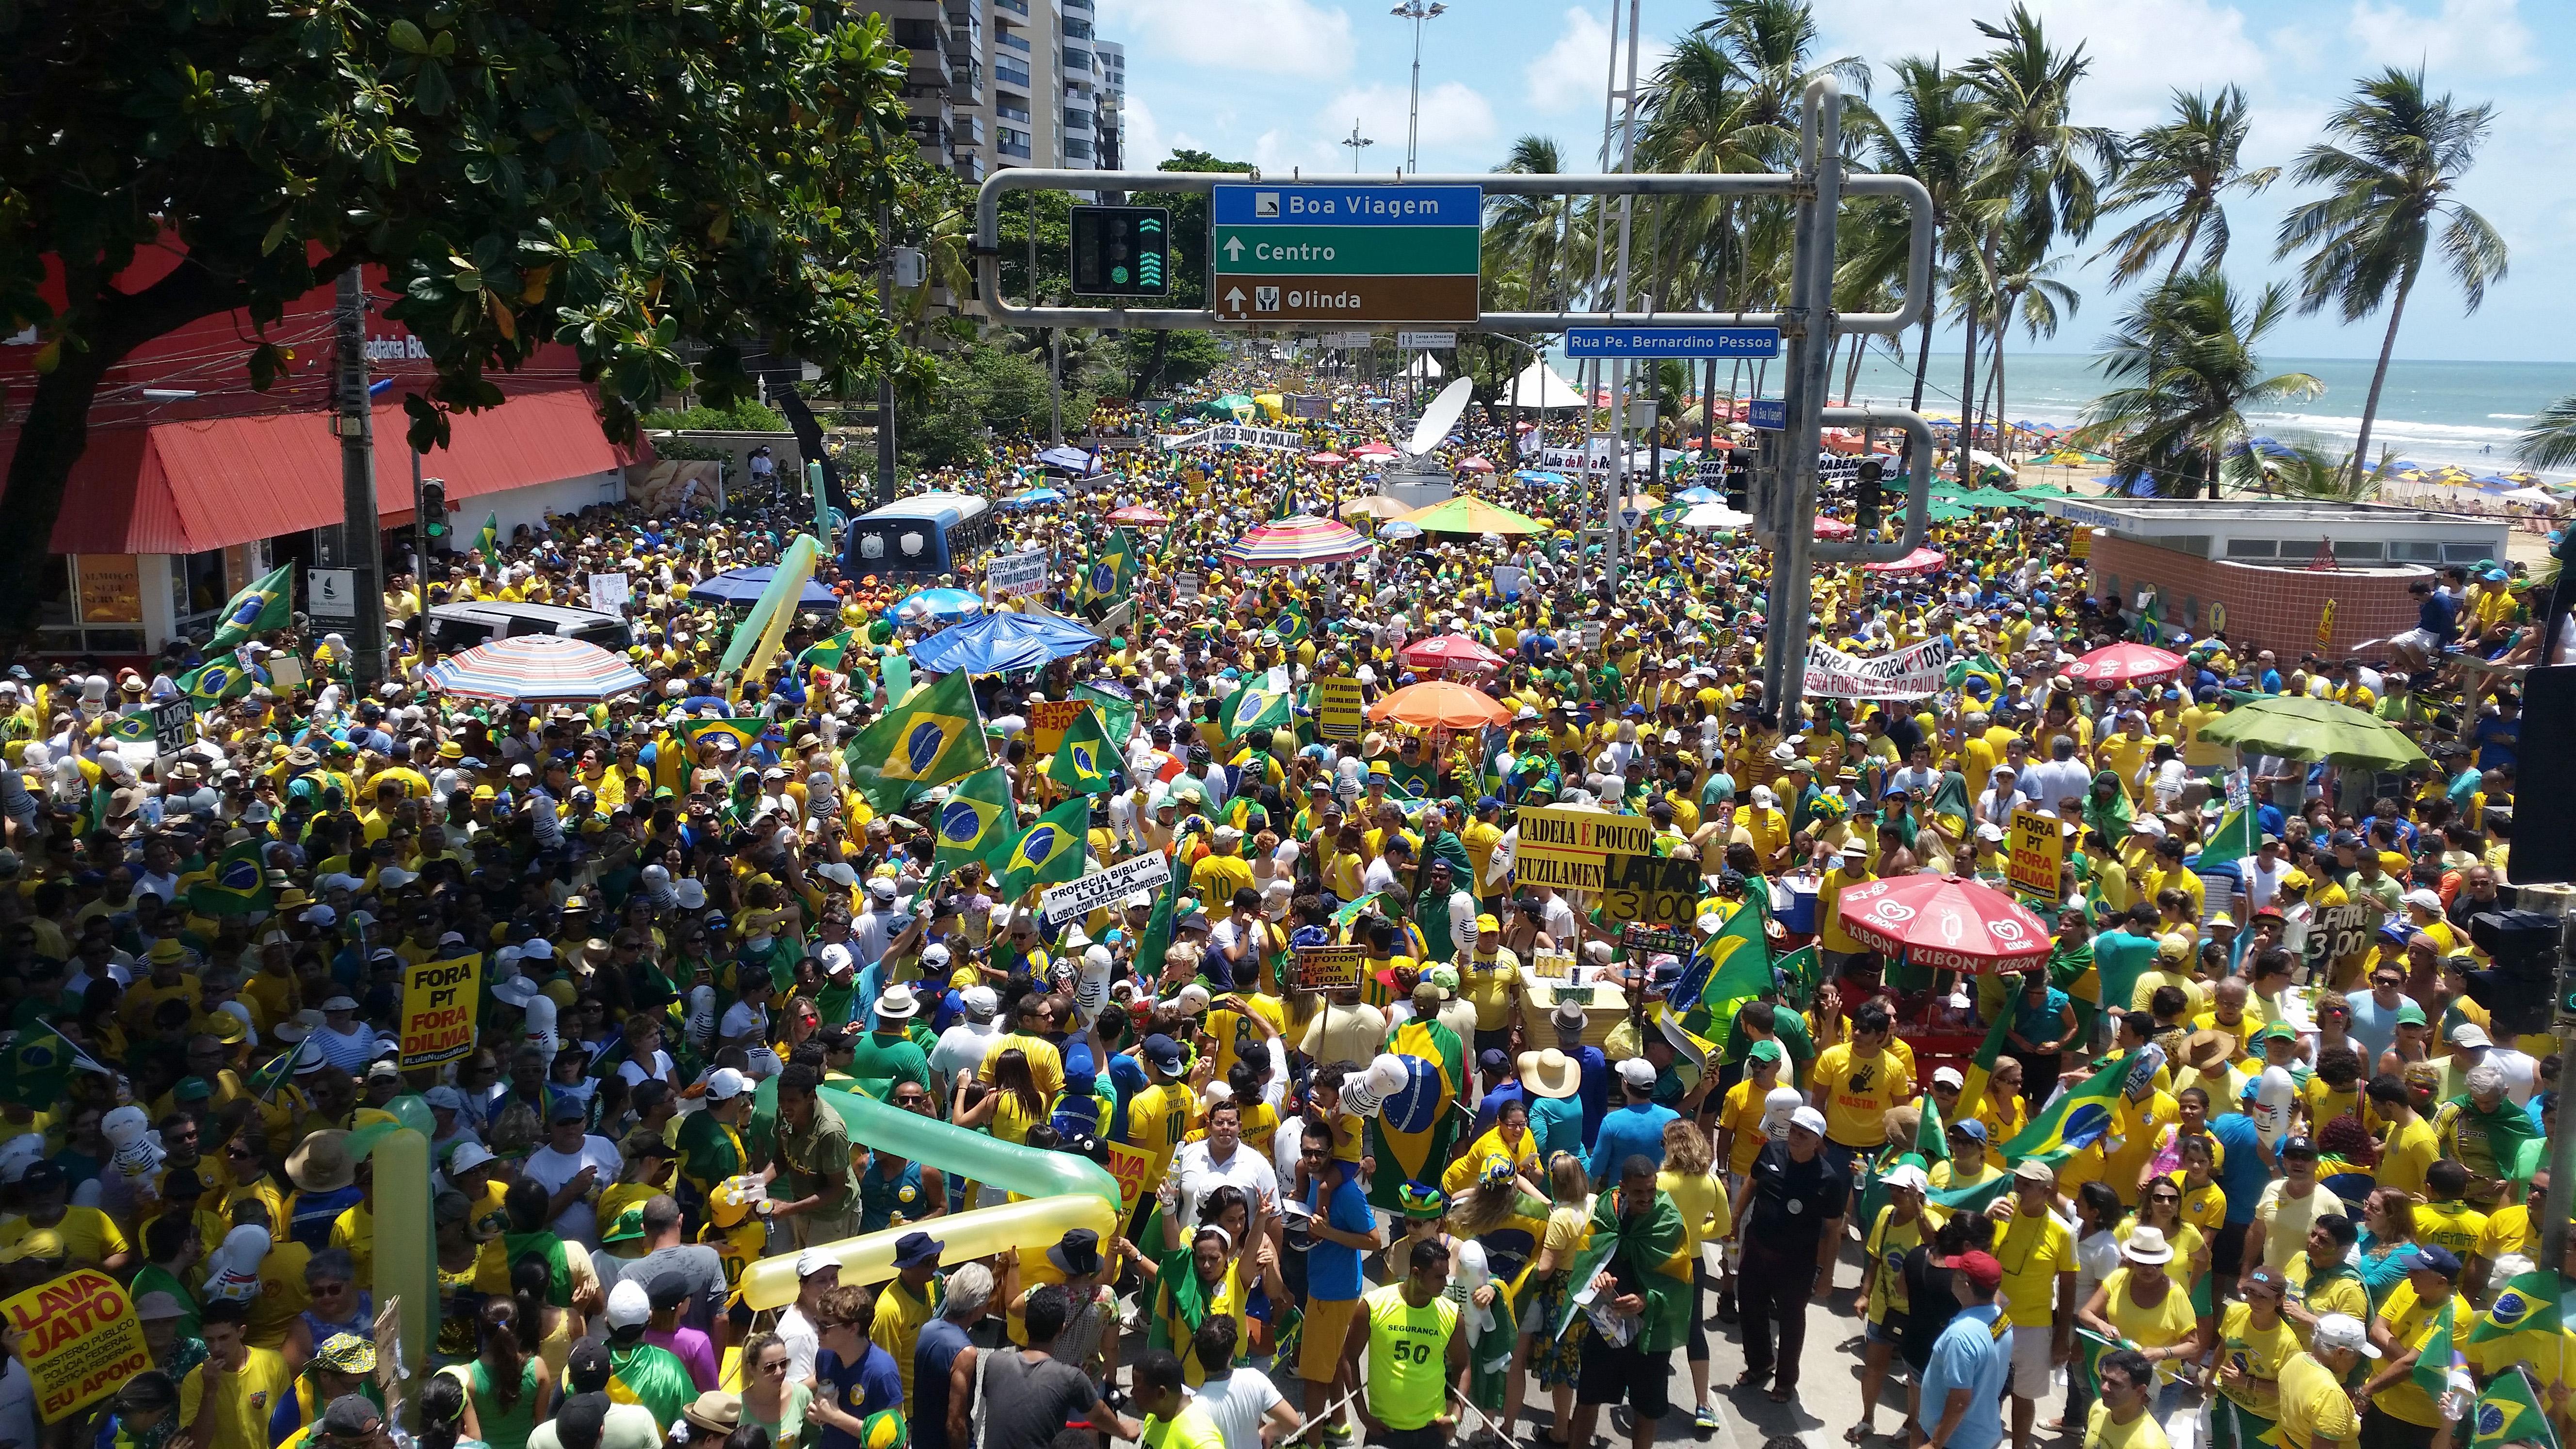 Recife - Manifestação no Recife contra a corrupção e pela saída da presidenta Dilma Rousseff (Sumaia Villela/Agência Brasil)